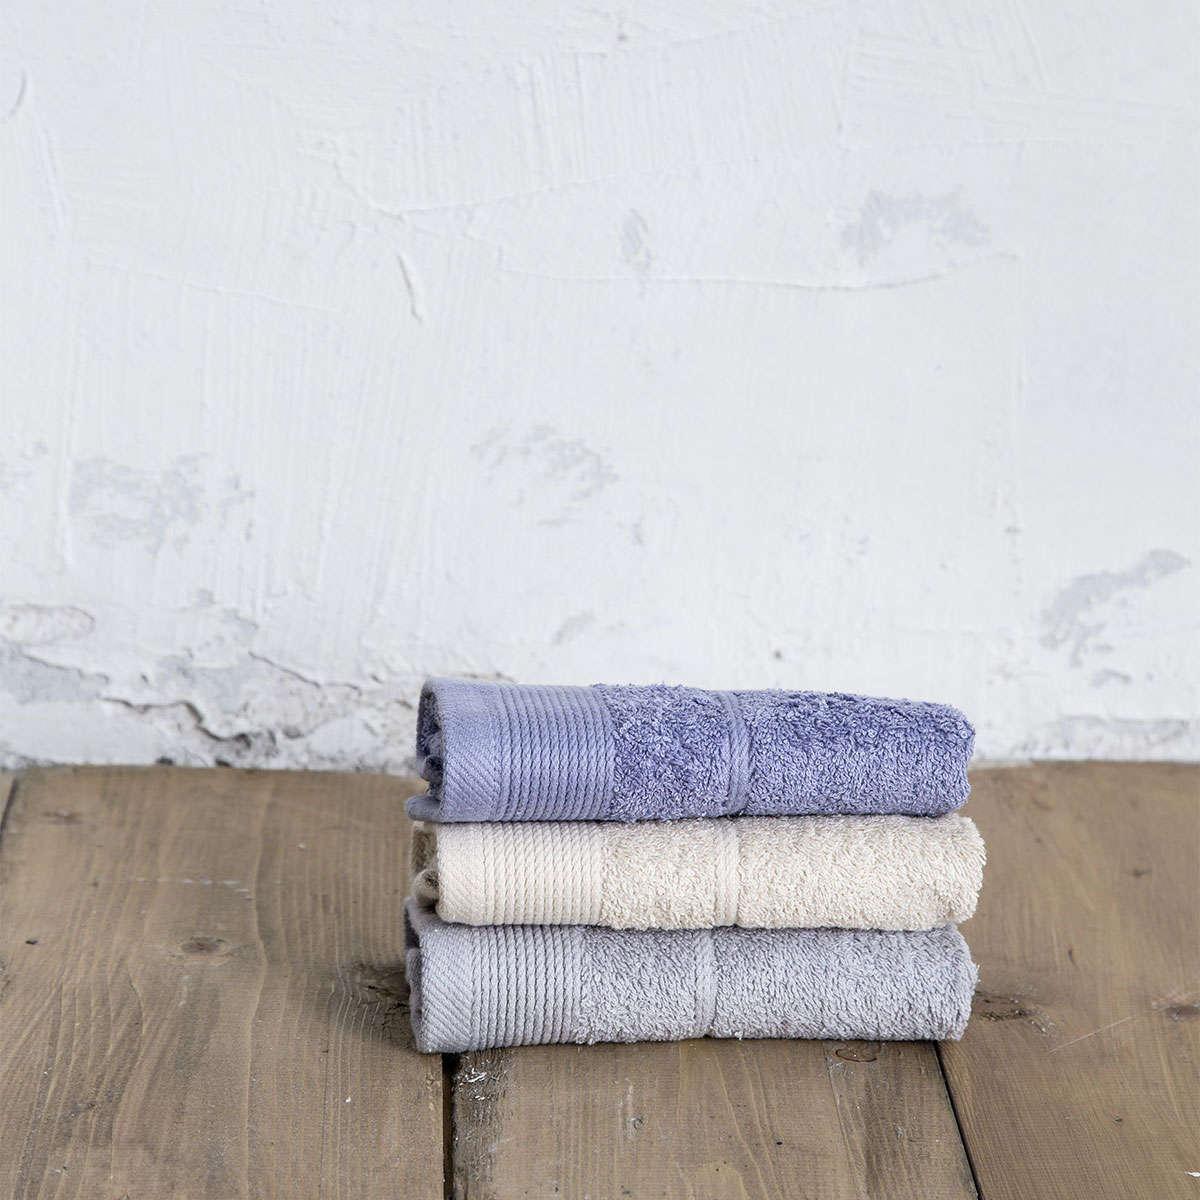 Πετσέτες Σετ 3τμχ. Ritz – Drizzle Multi Nima Σετ Πετσέτες 30x50cm